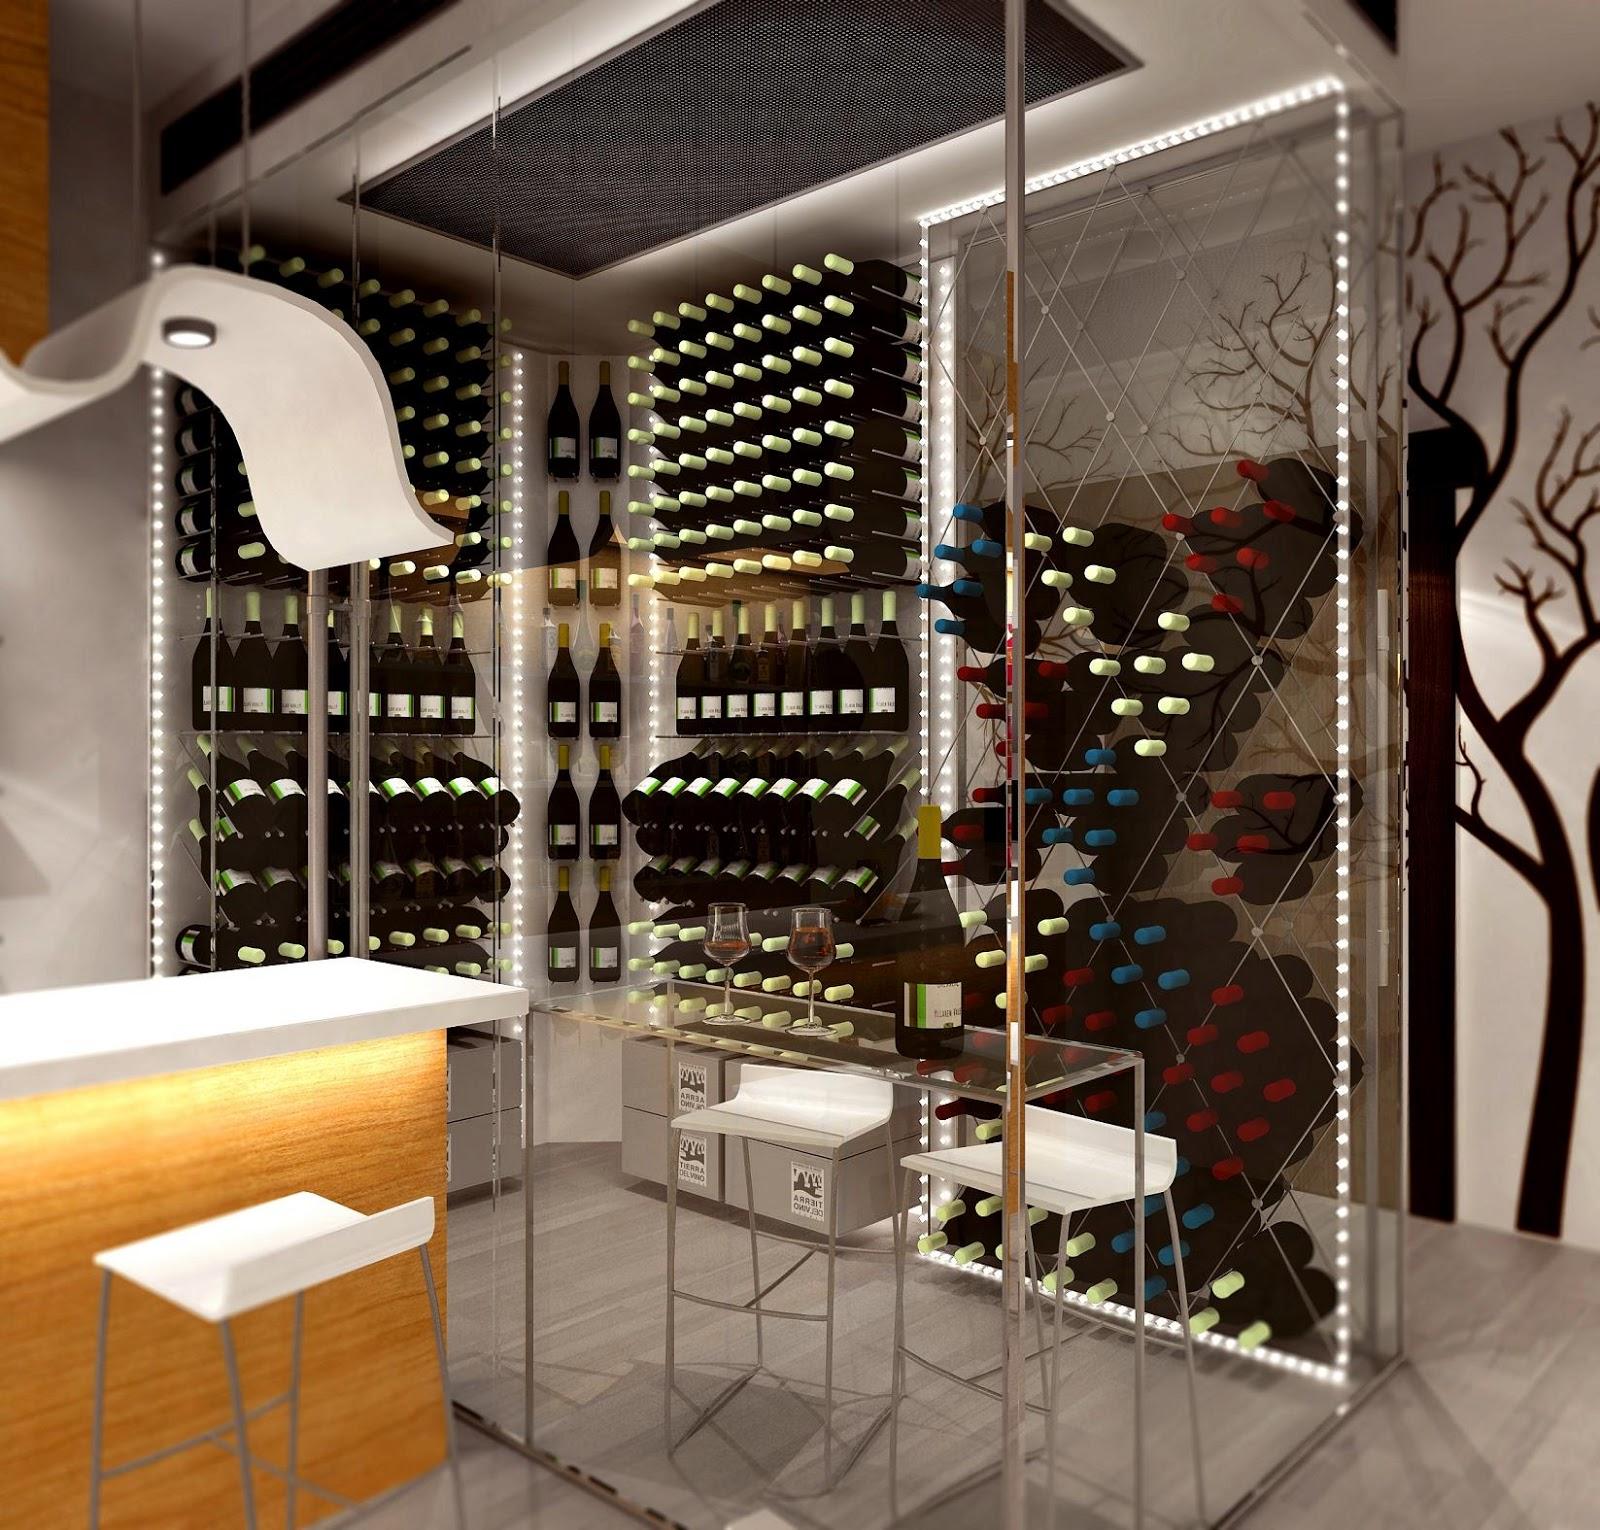 Dise o de cavas pt 2 interiores por paulina aguirre - Cavas de vino para casa ...